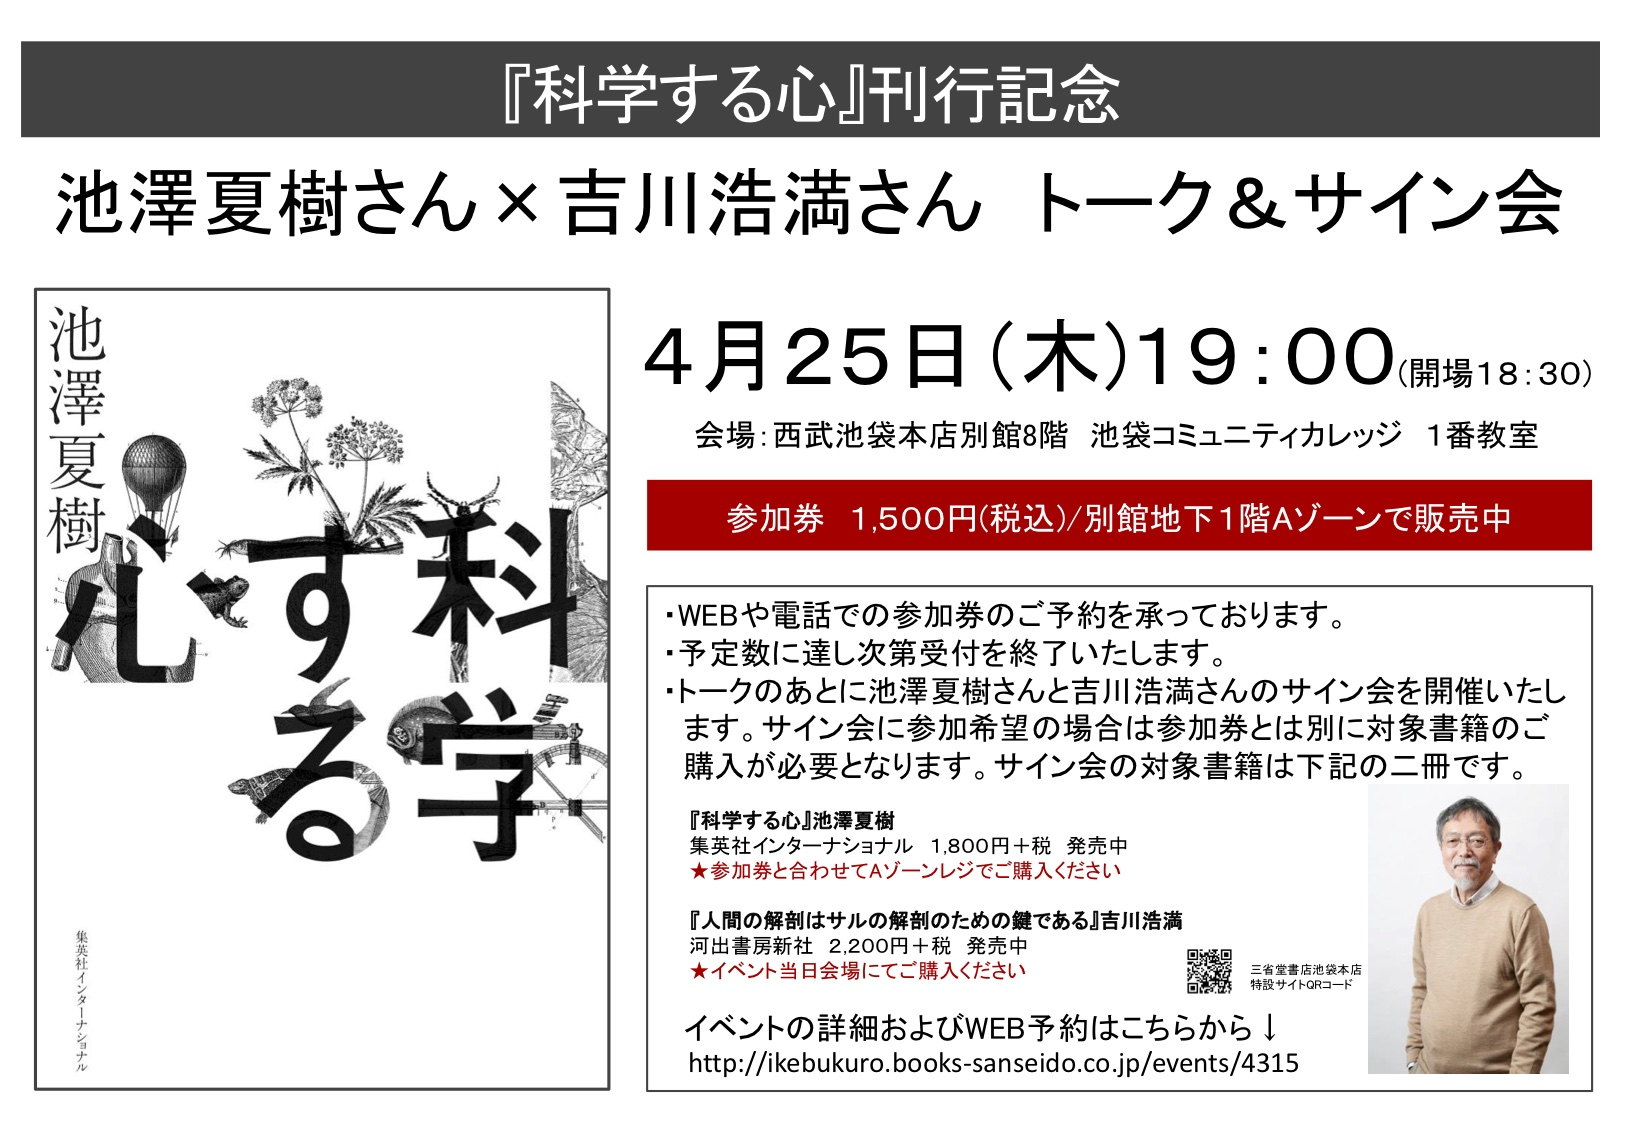 『科学する心』刊行記念トークショーのお知らせです。